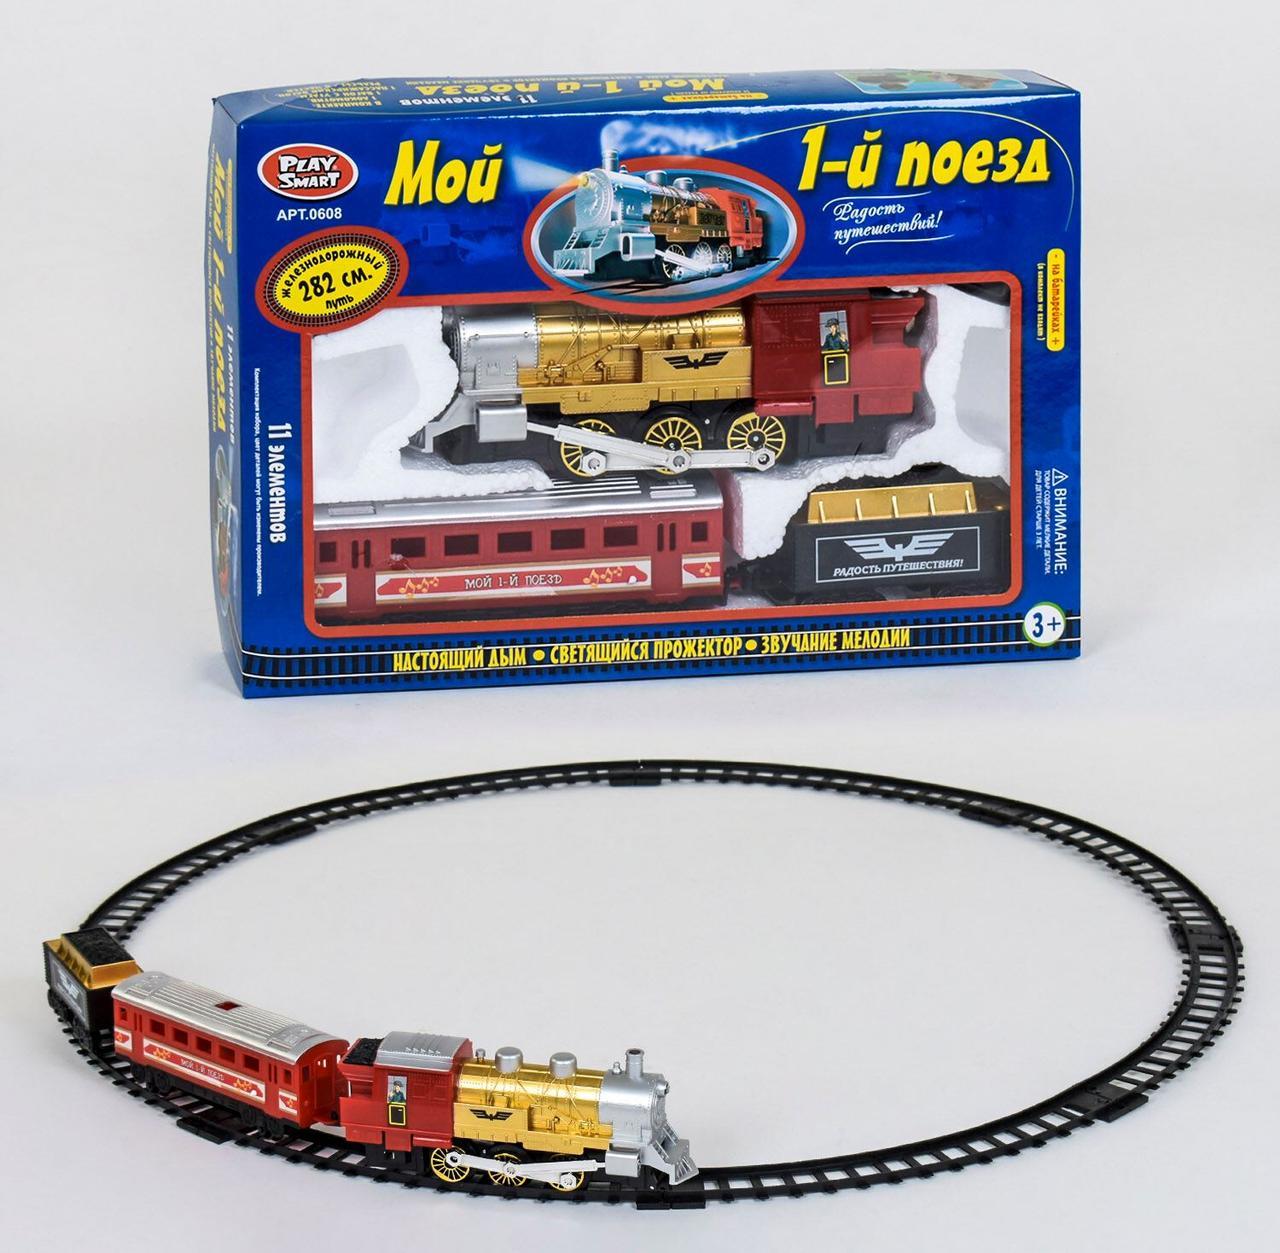 """Железная дорога """"Мой 1-й поезд"""" Play Smart, 282см, 11 элементов, дым, проектор, мелодии, в коробке 0608"""